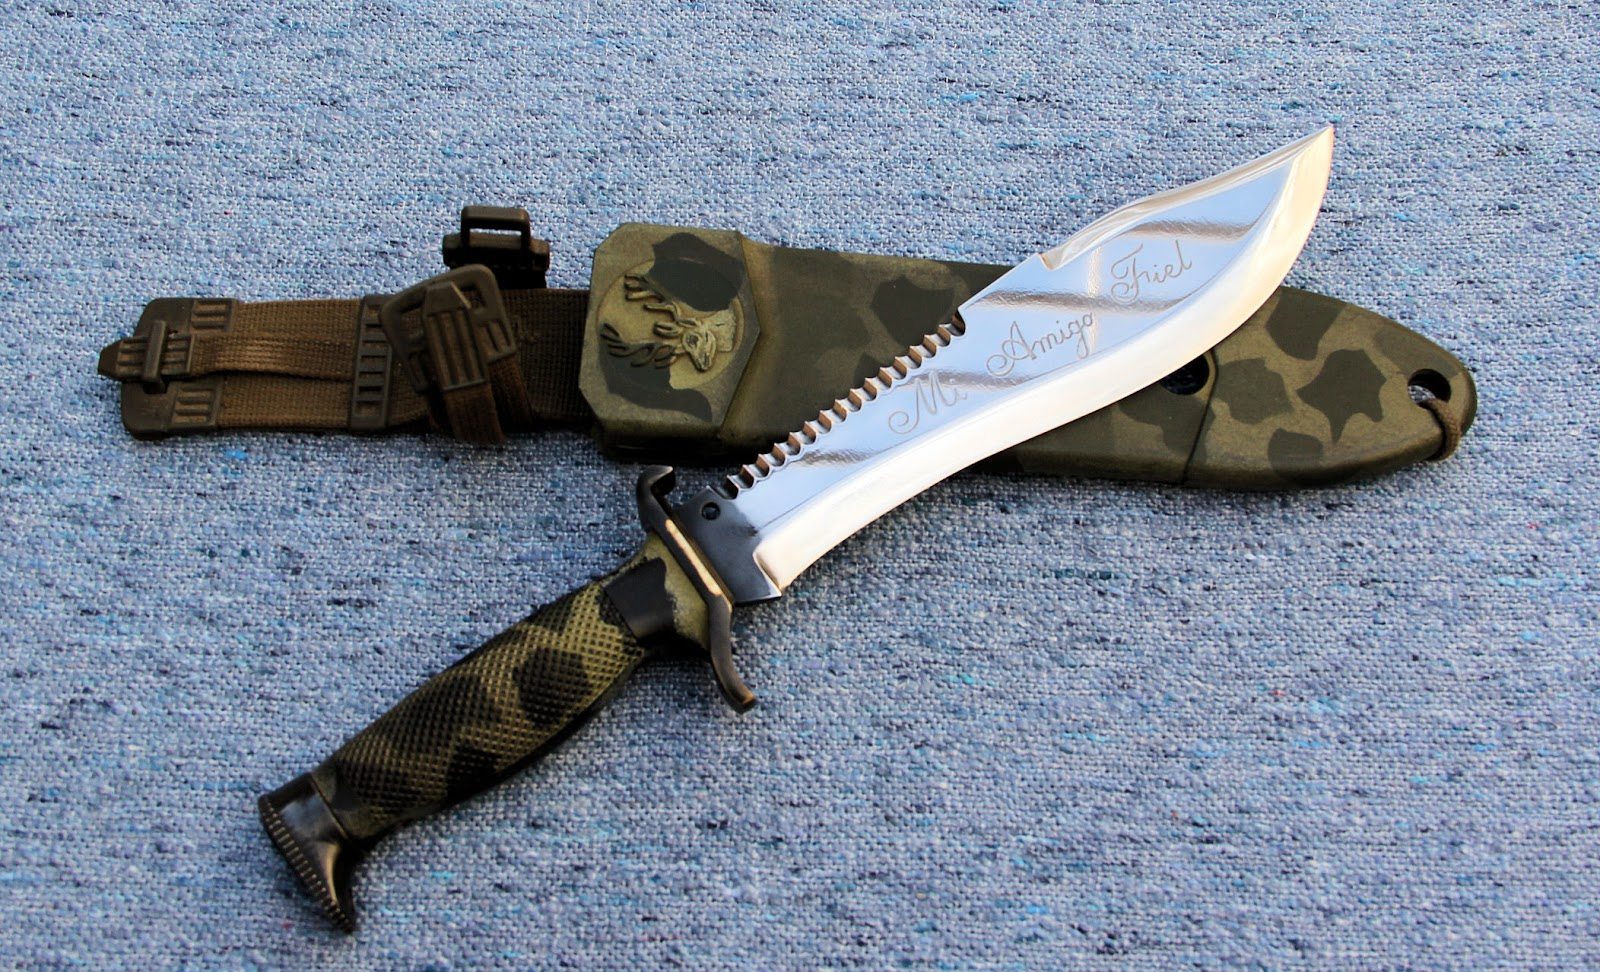 Baco tacticos cuchillos aitor el montero mi amigo fiel for Como pulir un cuchillo